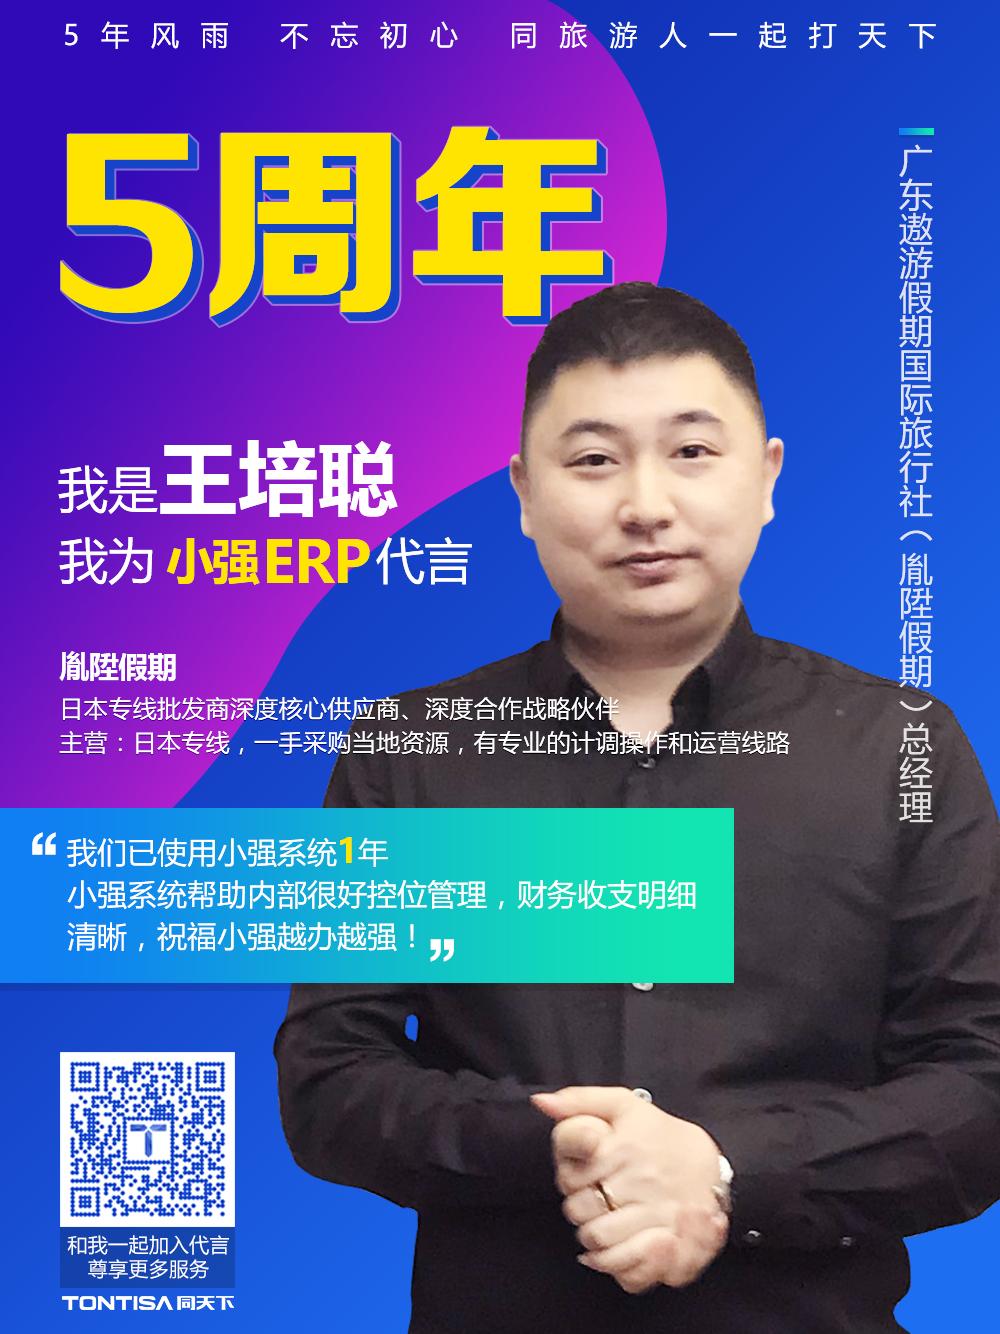 18、五周年系列海报(王培聪)ok.jpg